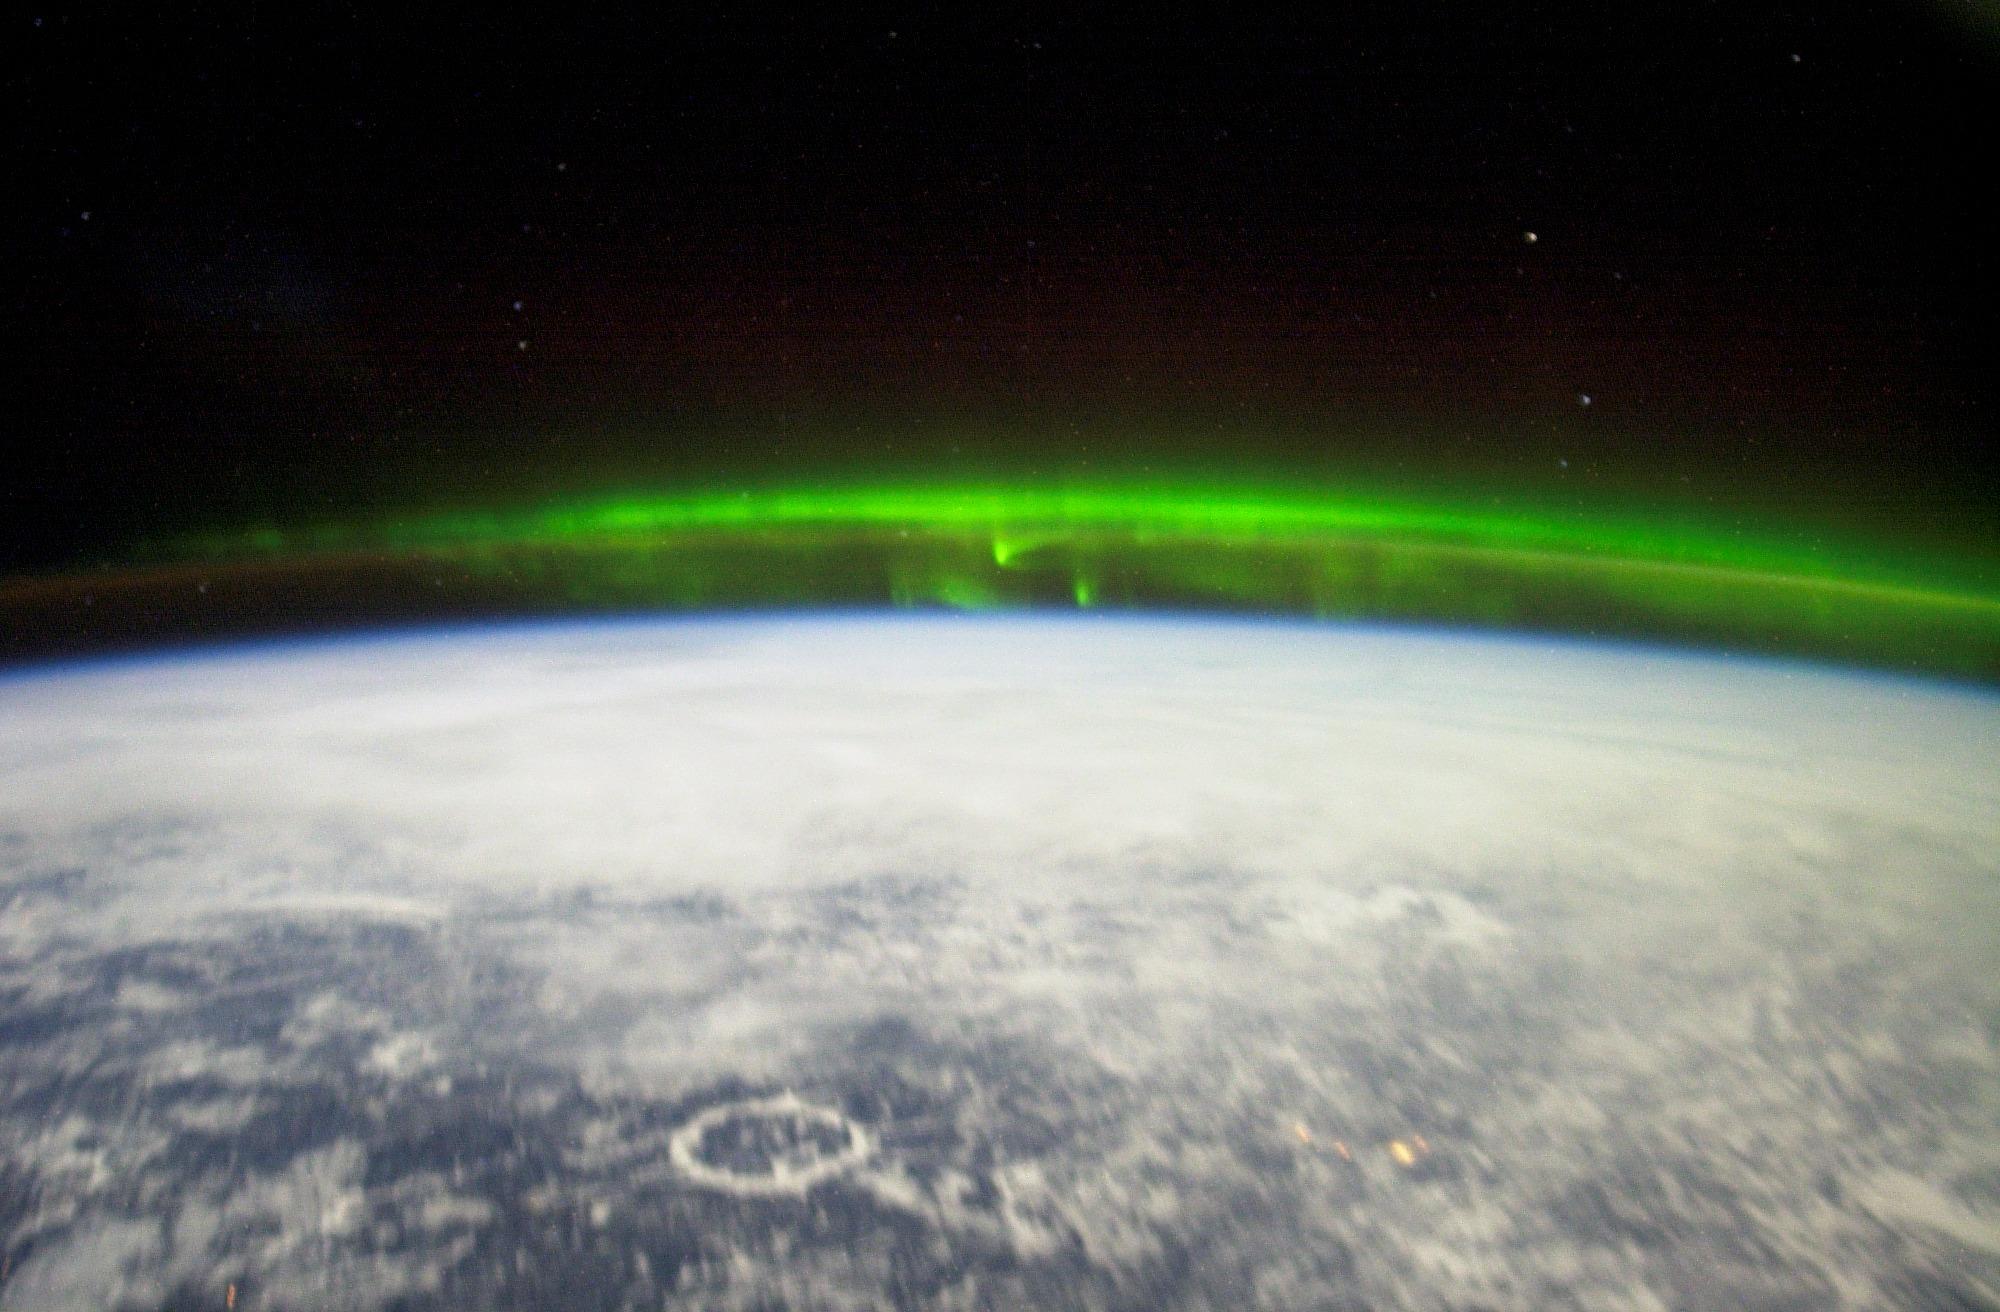 NASA photo of Aurora Borealis